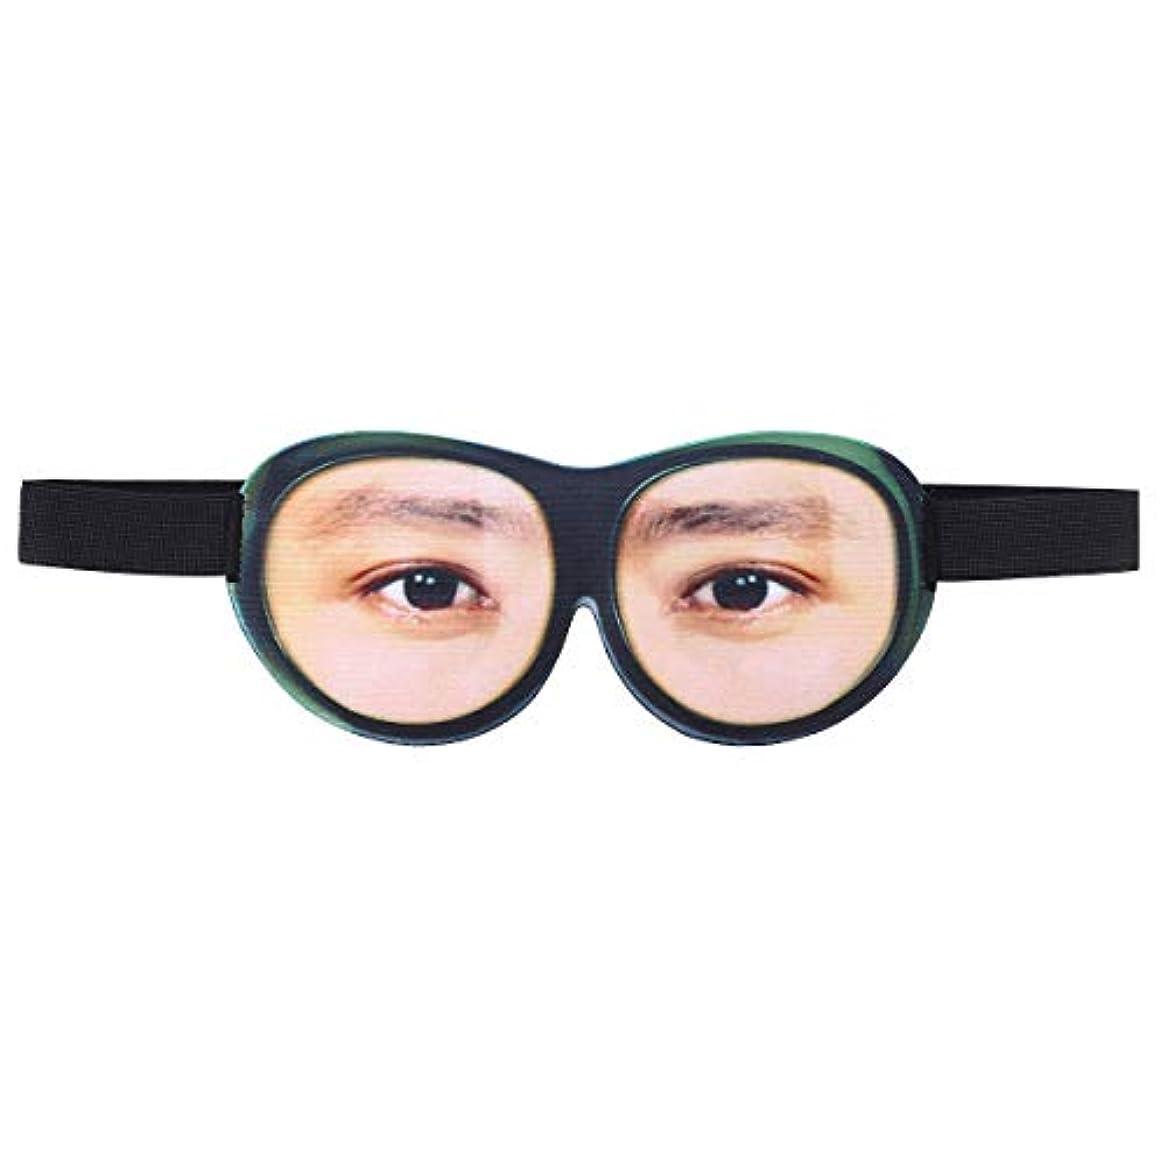 群がるネイティブ頭痛Healifty 3D面白いアイシェード睡眠マスク旅行アイマスク目隠し睡眠ヘルパーアイシェード男性女性旅行昼寝と深い眠り(男になりすまし)